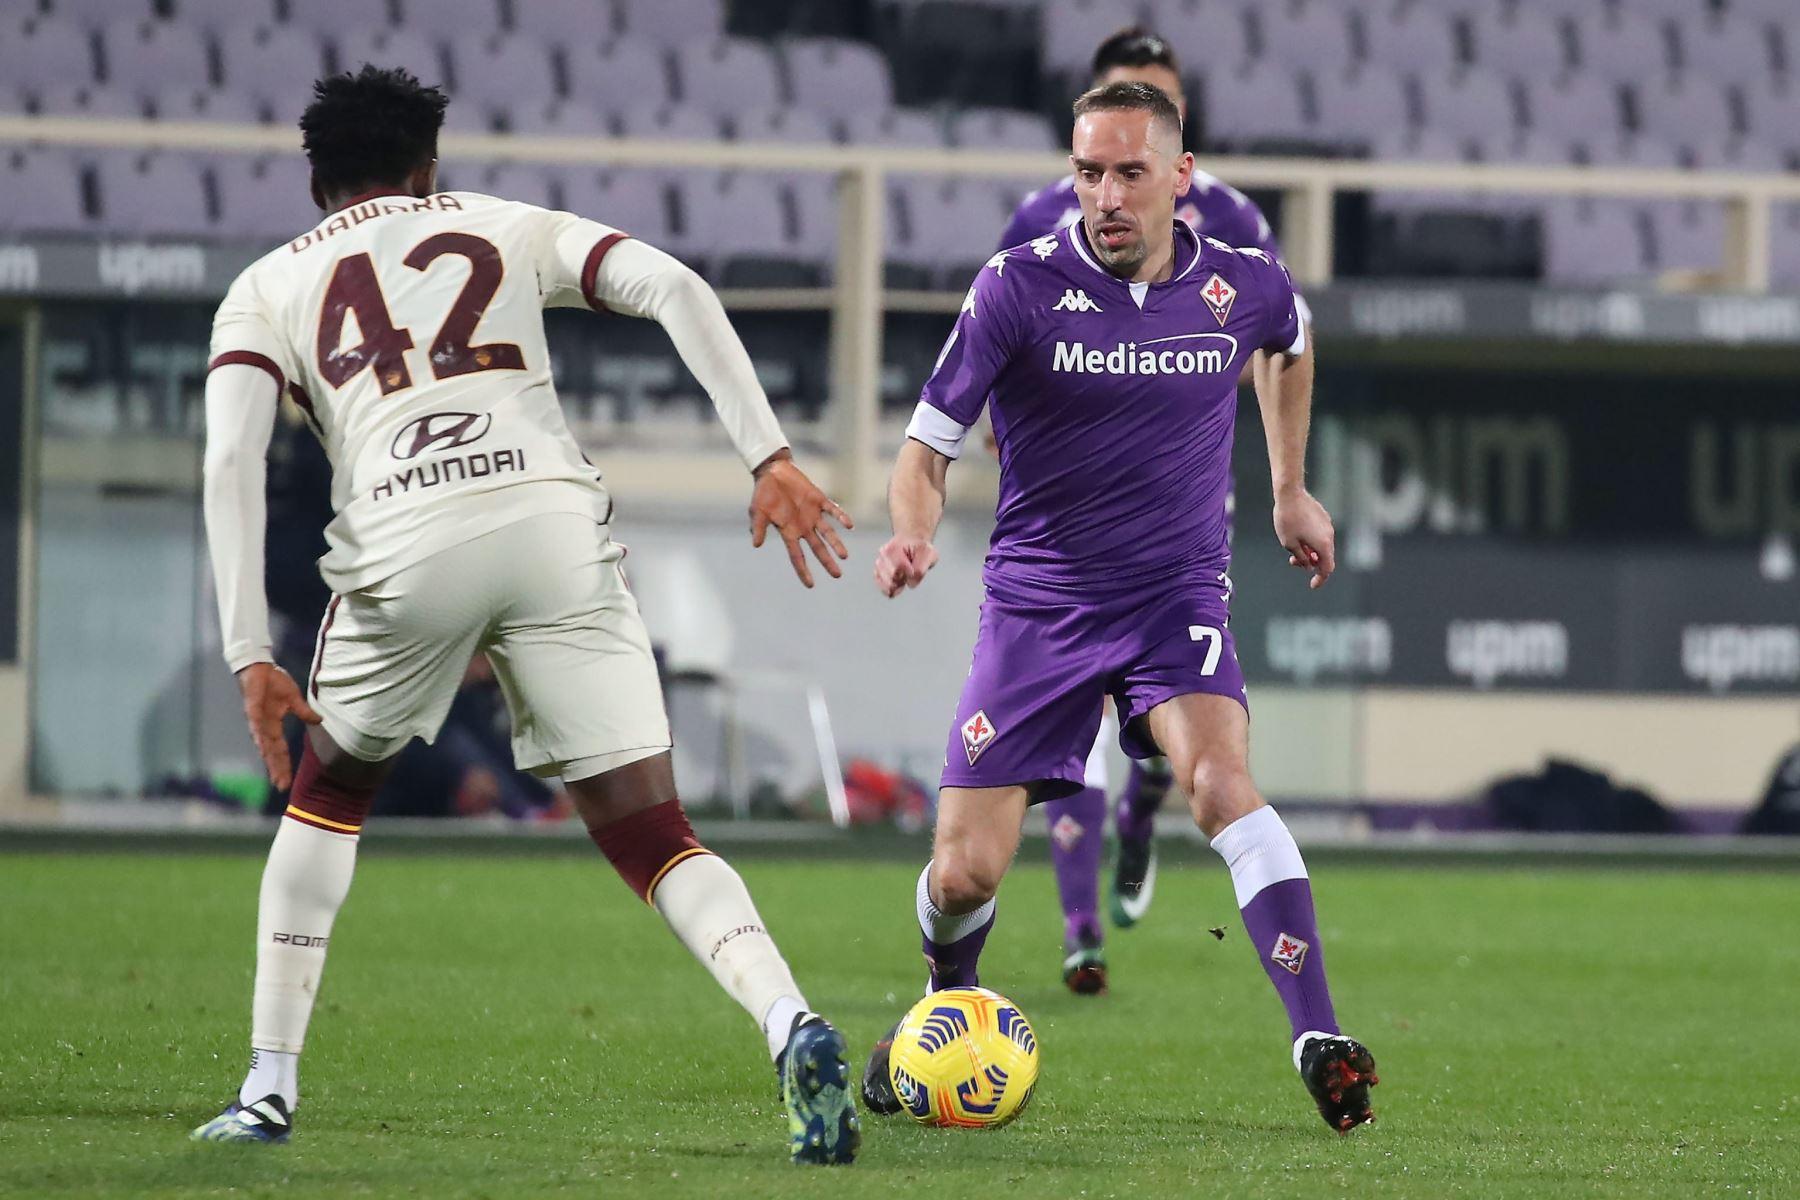 El centrocampista de la Fiorentina Franck Ribéry compite por el balón con el centrocampista de la Roma Amadou Diawara durante el partido de fútbol de la Serie A italiana. Foto: EFE